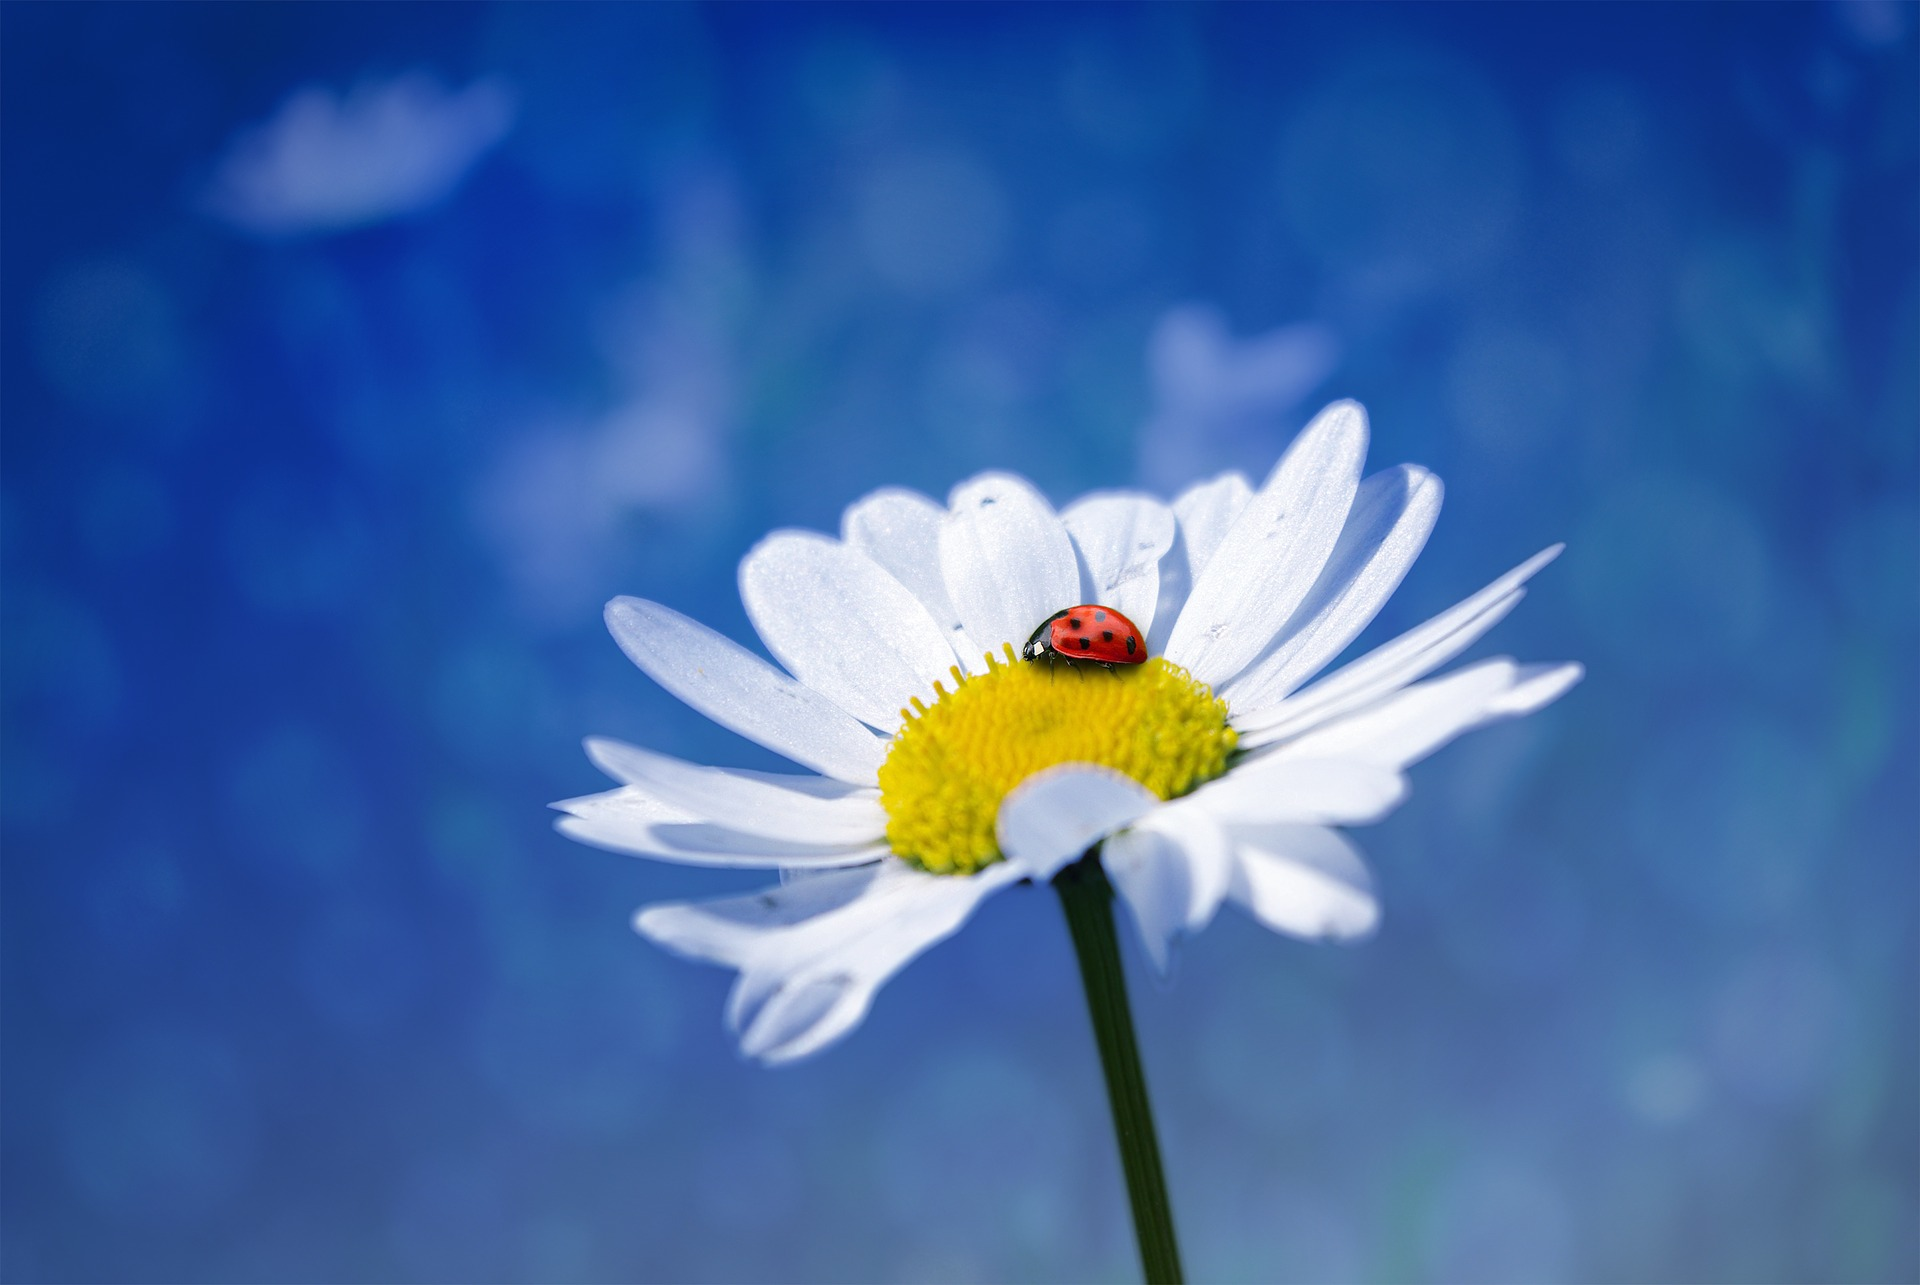 Flower 1320568 1920